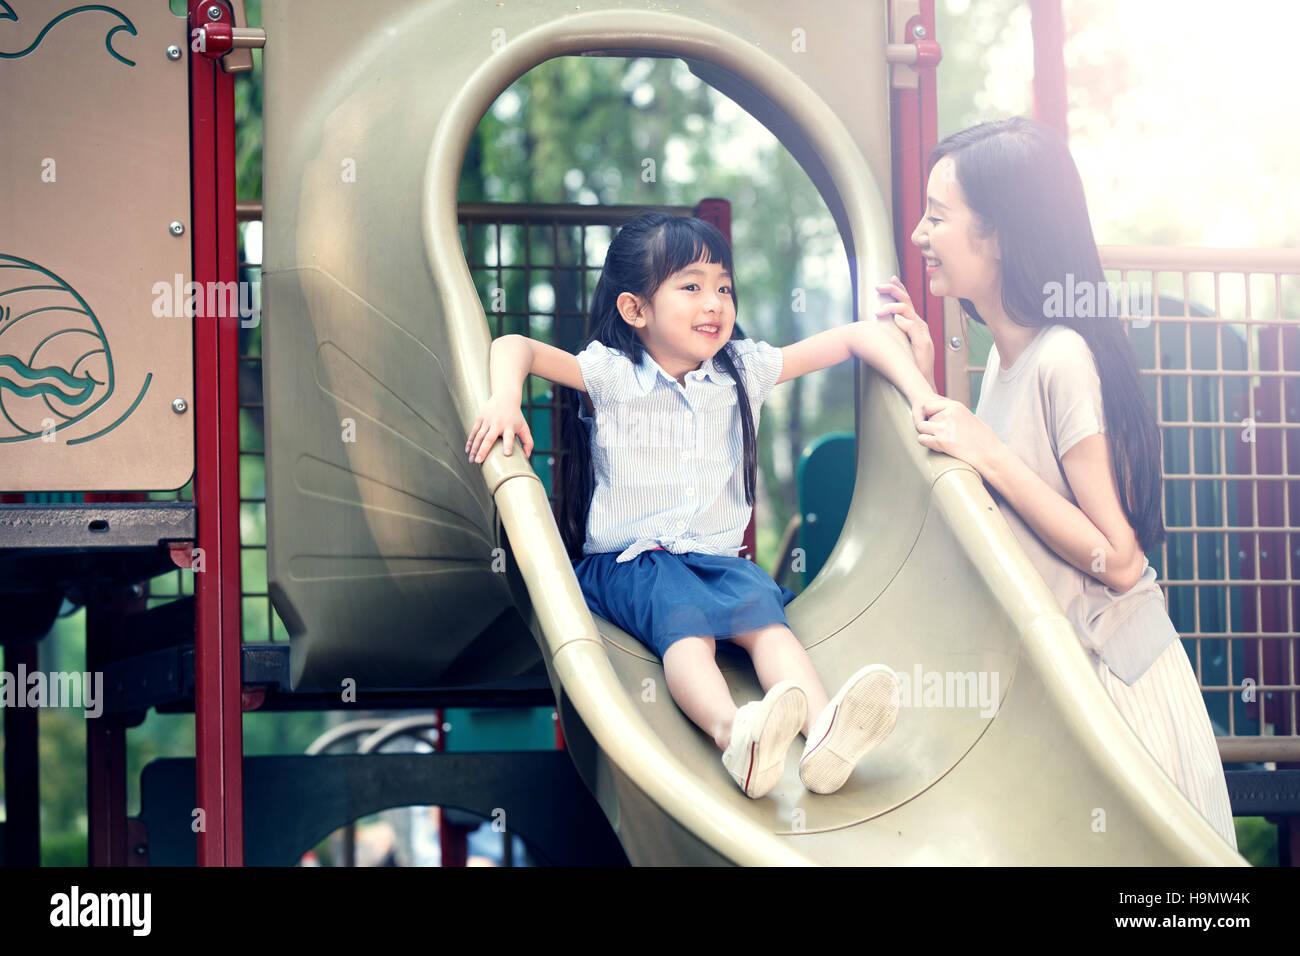 The little girl slide - Stock Image